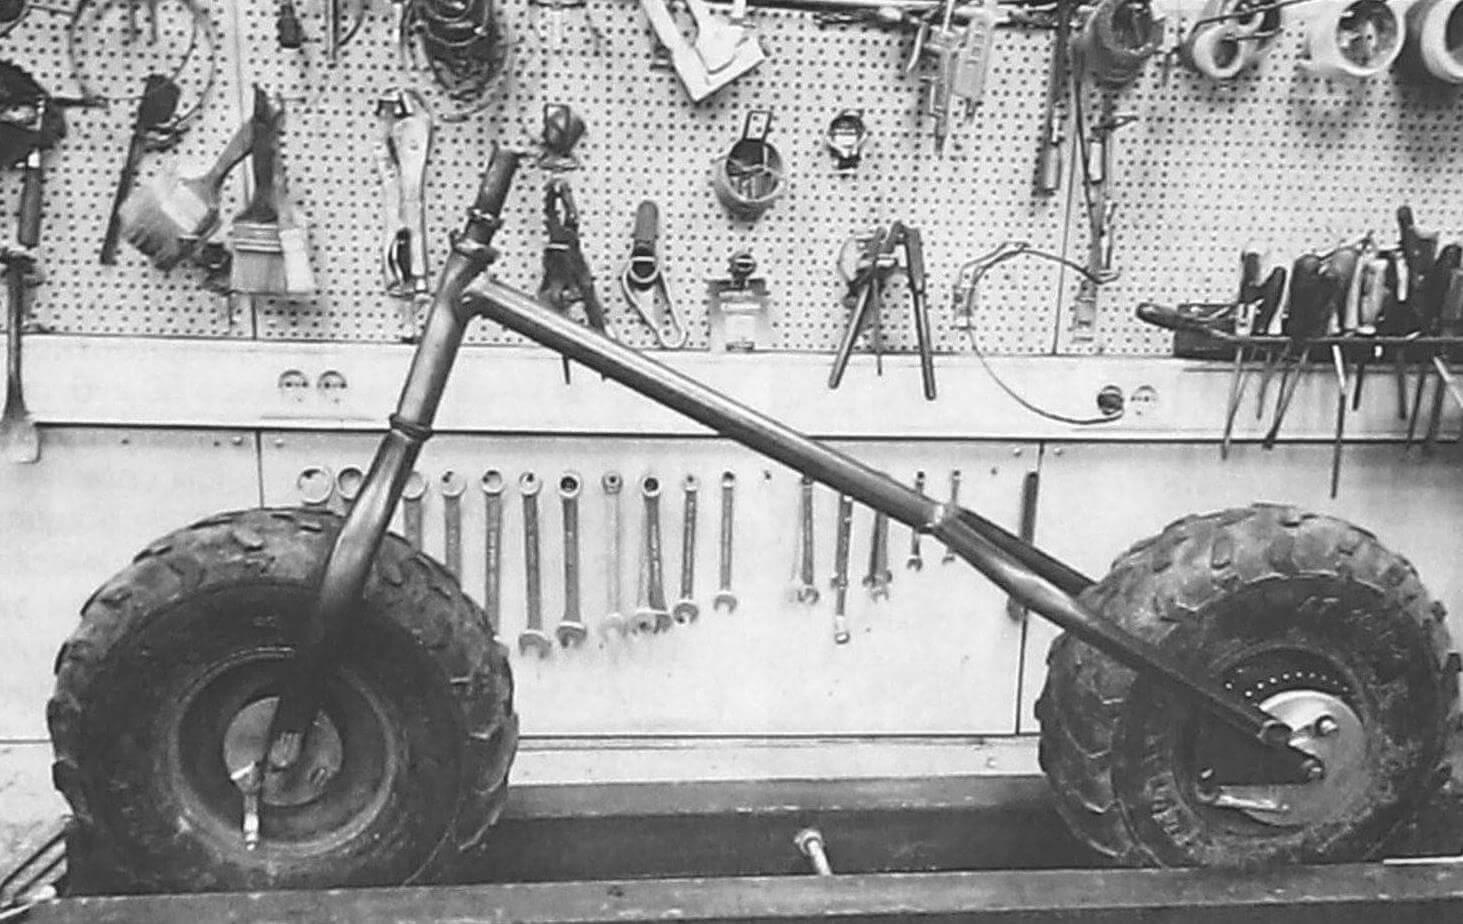 Простейшая хребтовая рама из трубы с приваренными к ней задней вилкой и рулевой колонкой с консольной вилкой